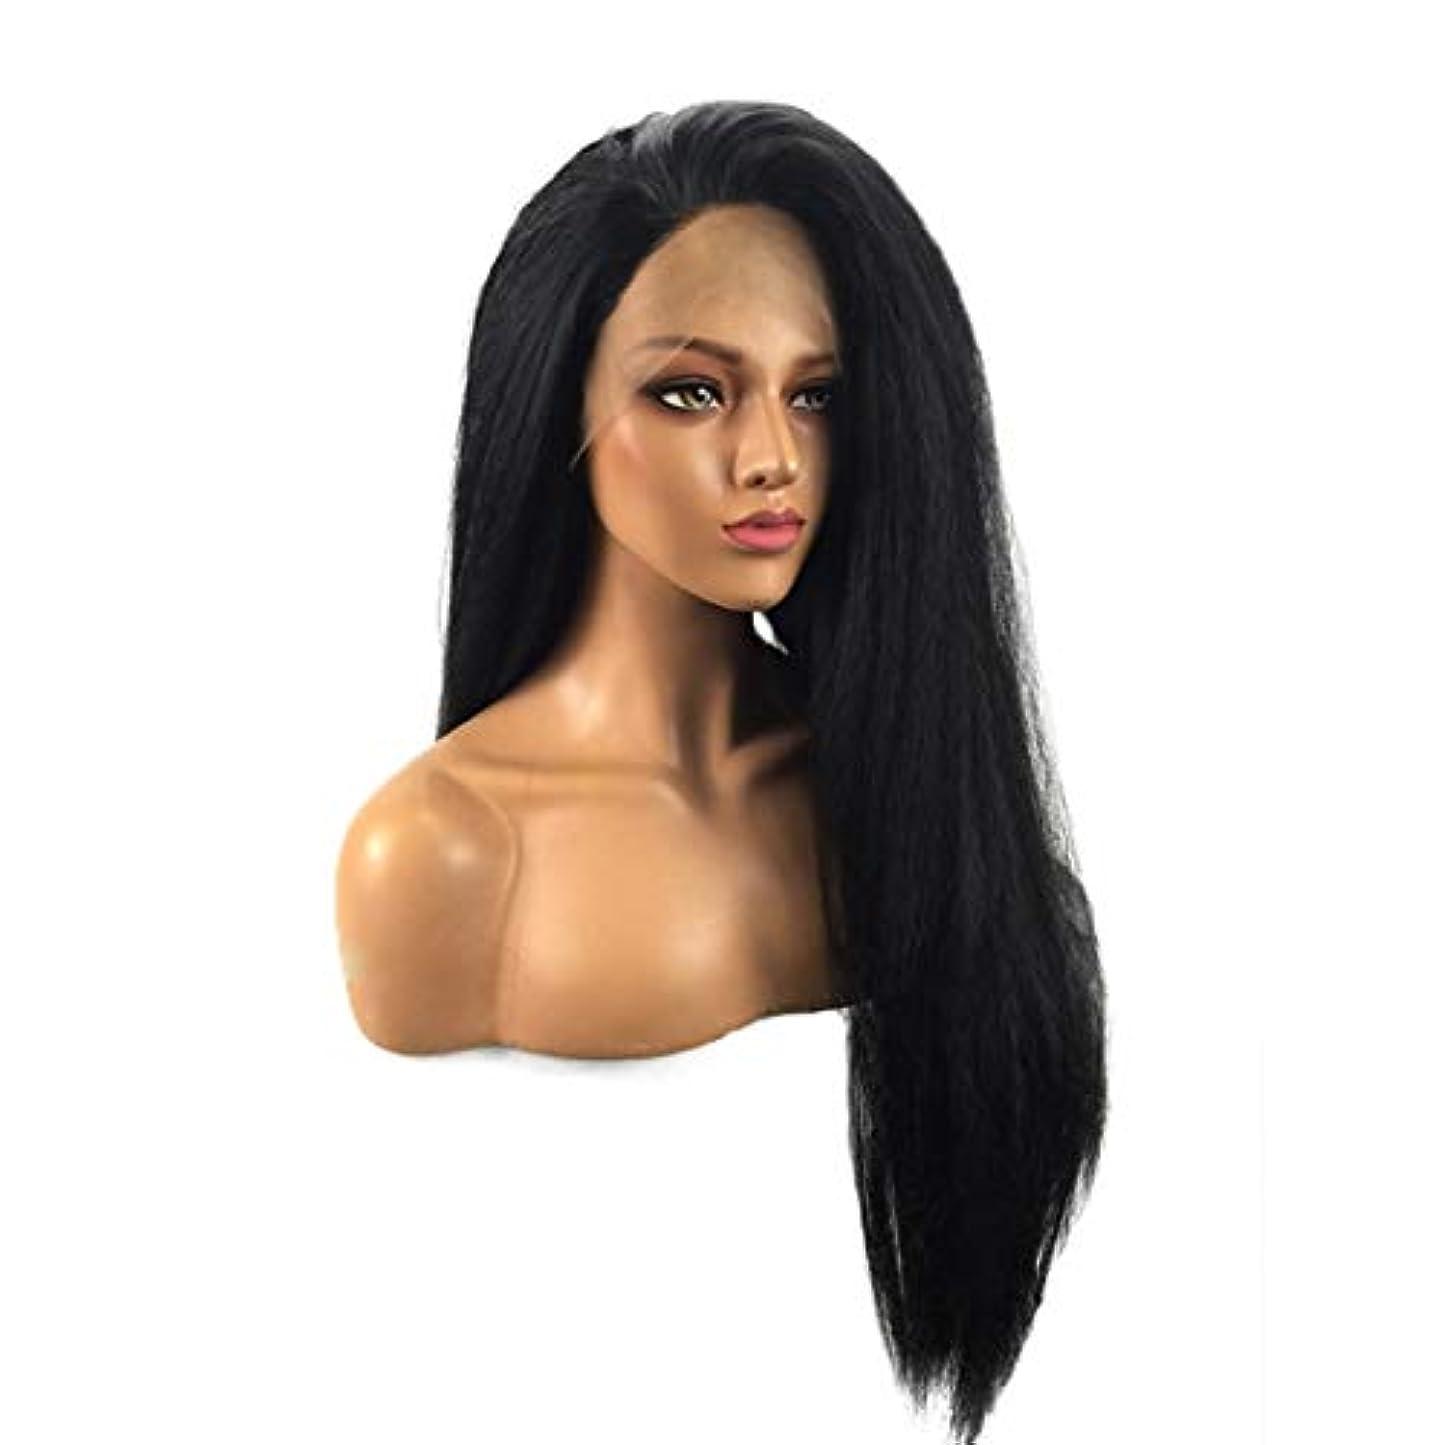 正確さレモン国Koloeplf レースフロントウィッグロングナチュラルストレート耐熱人工毛かつら女性用26インチ (Size : 26inch)